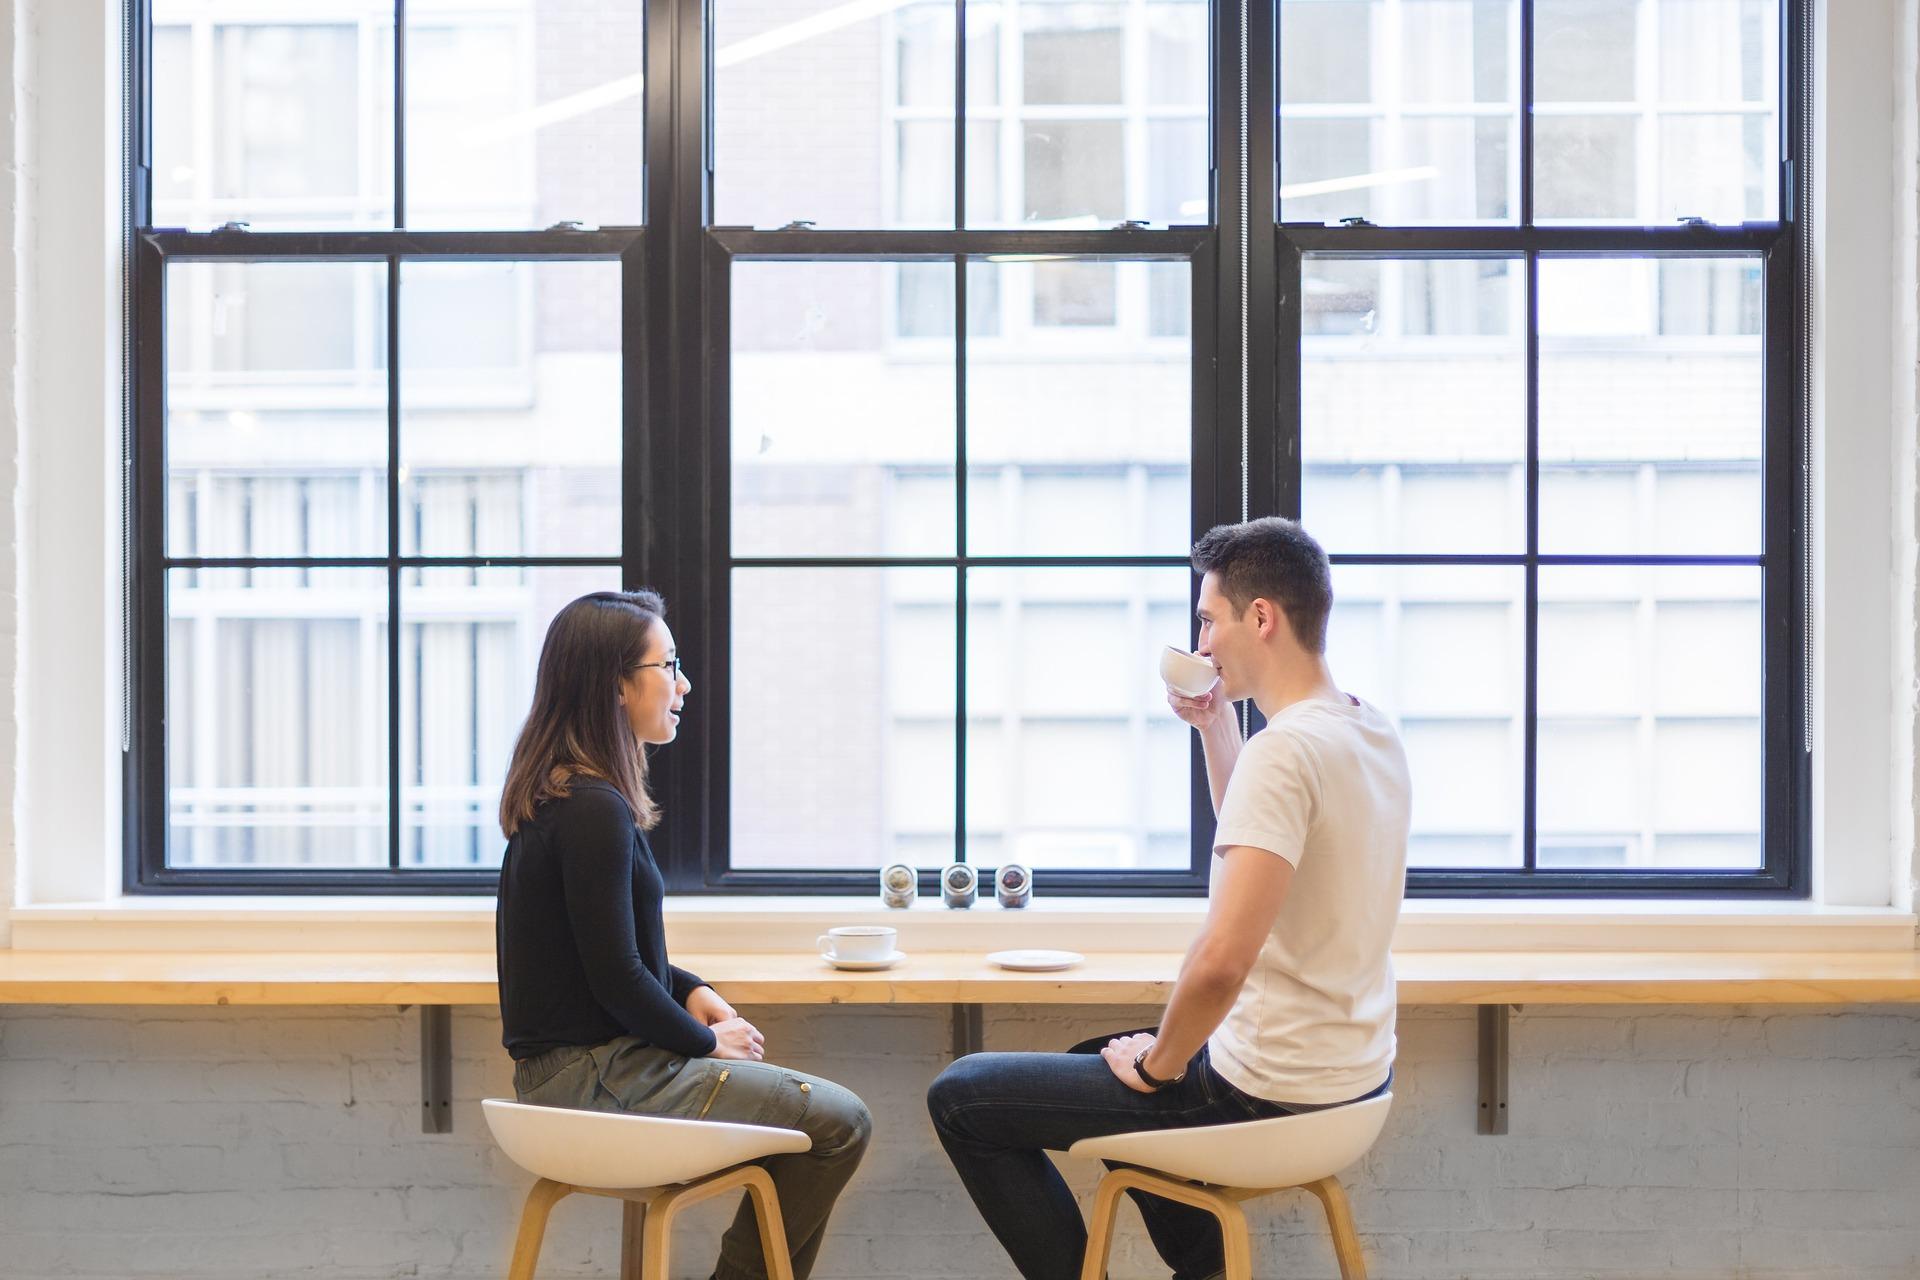 Pokud jdete na rande s někým ze seznamky, je vhodné vybrat veřejné místo.